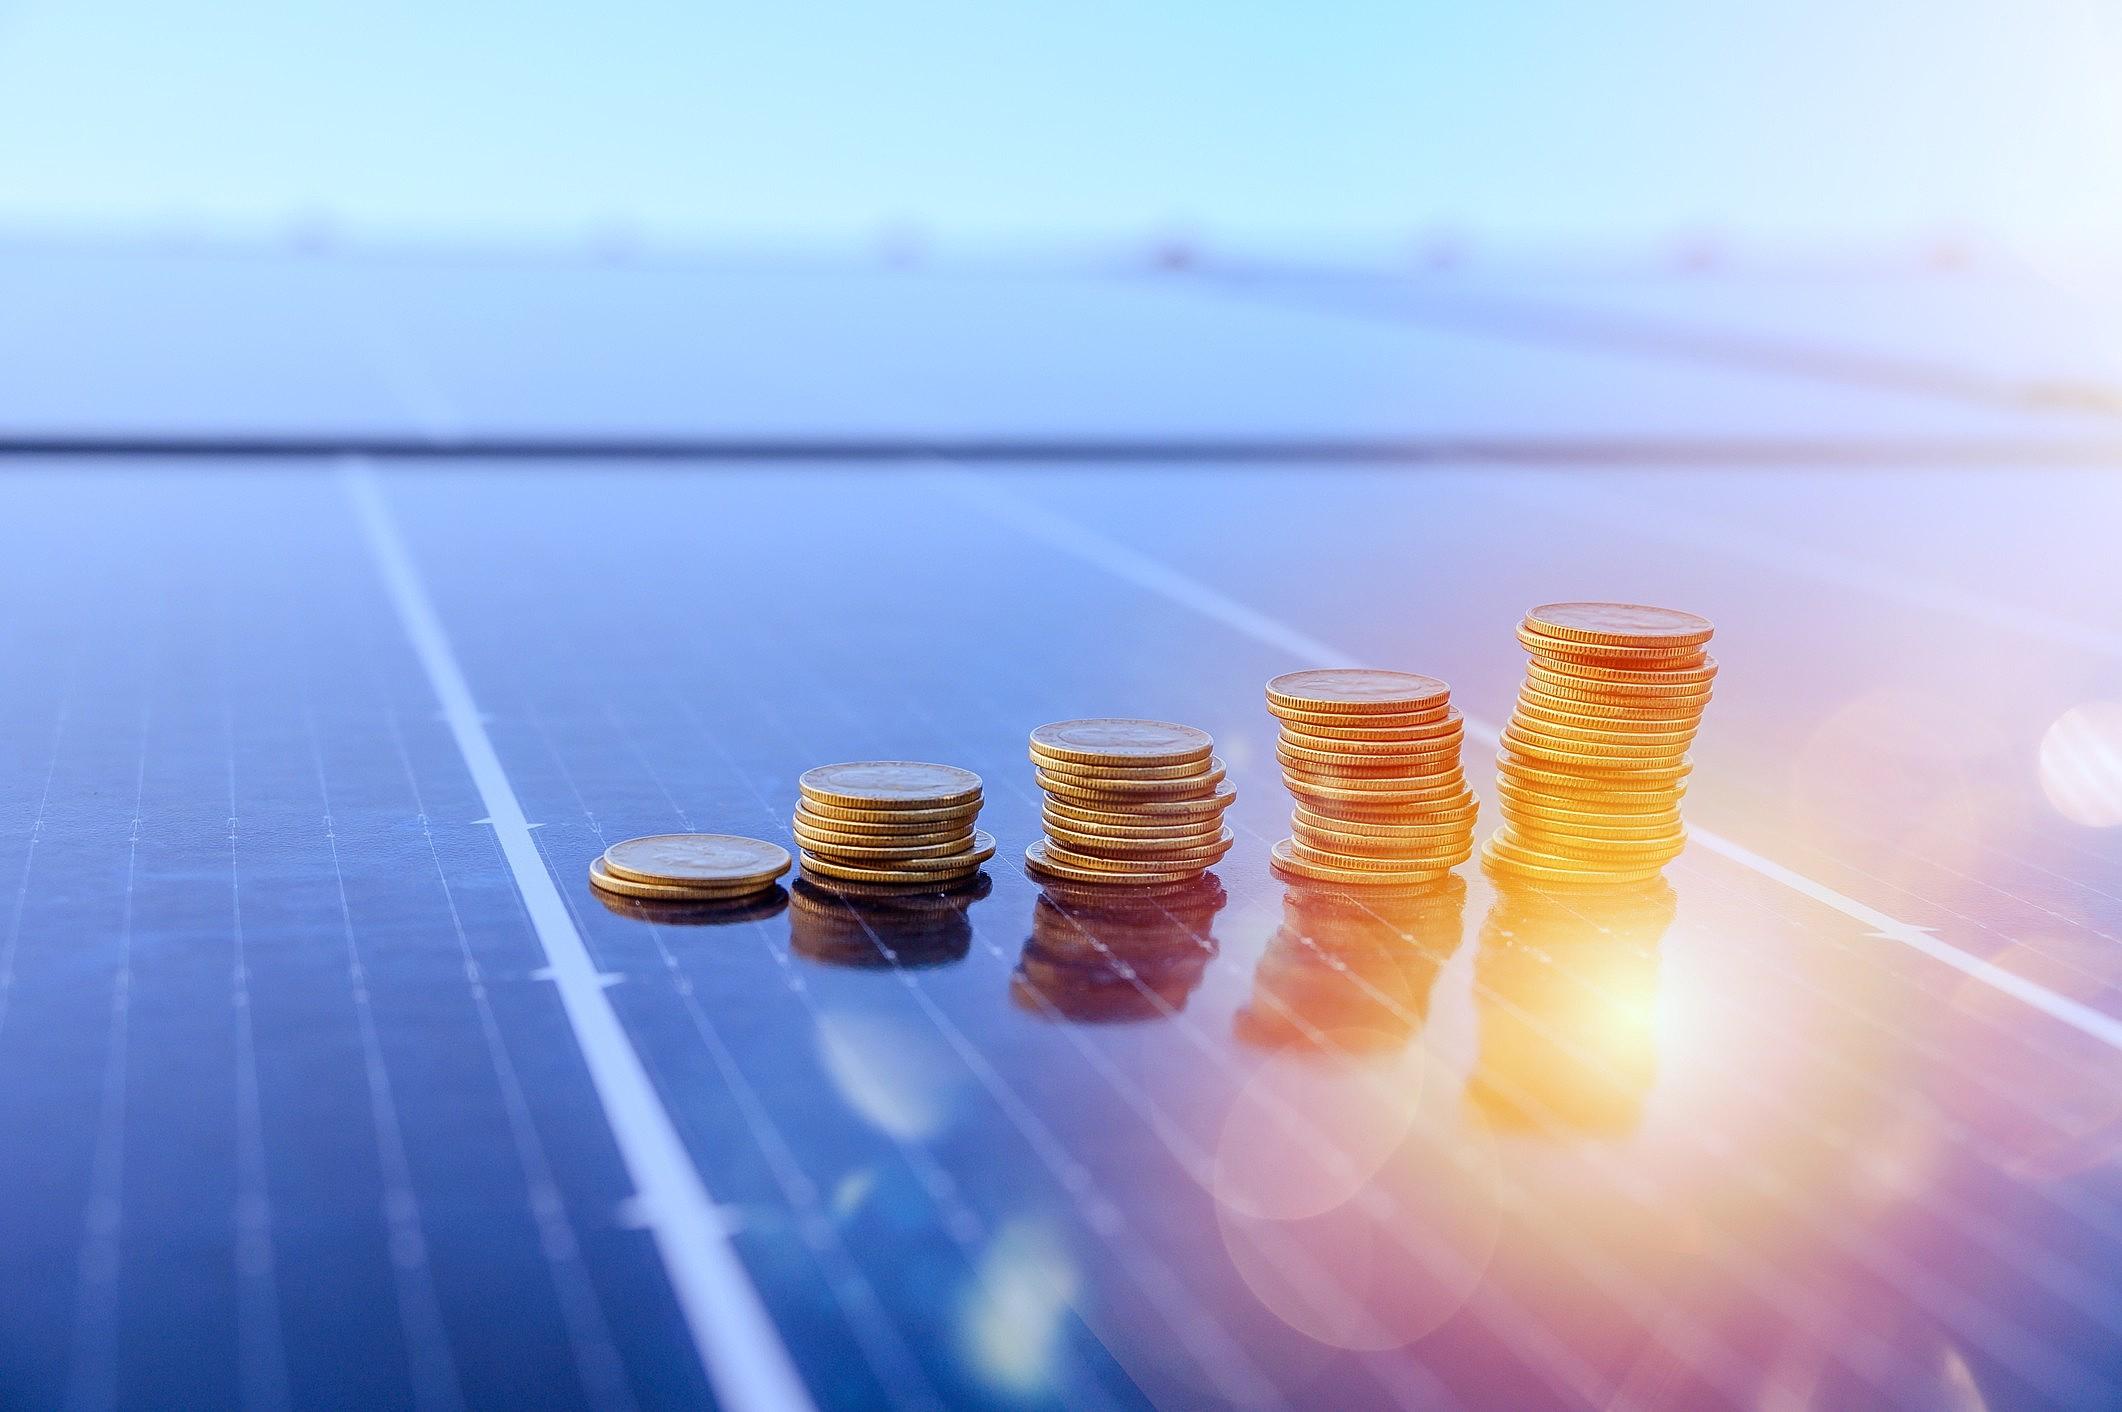 Energia solar é cara? Esclareça esse e outros mitos sobre o assunto